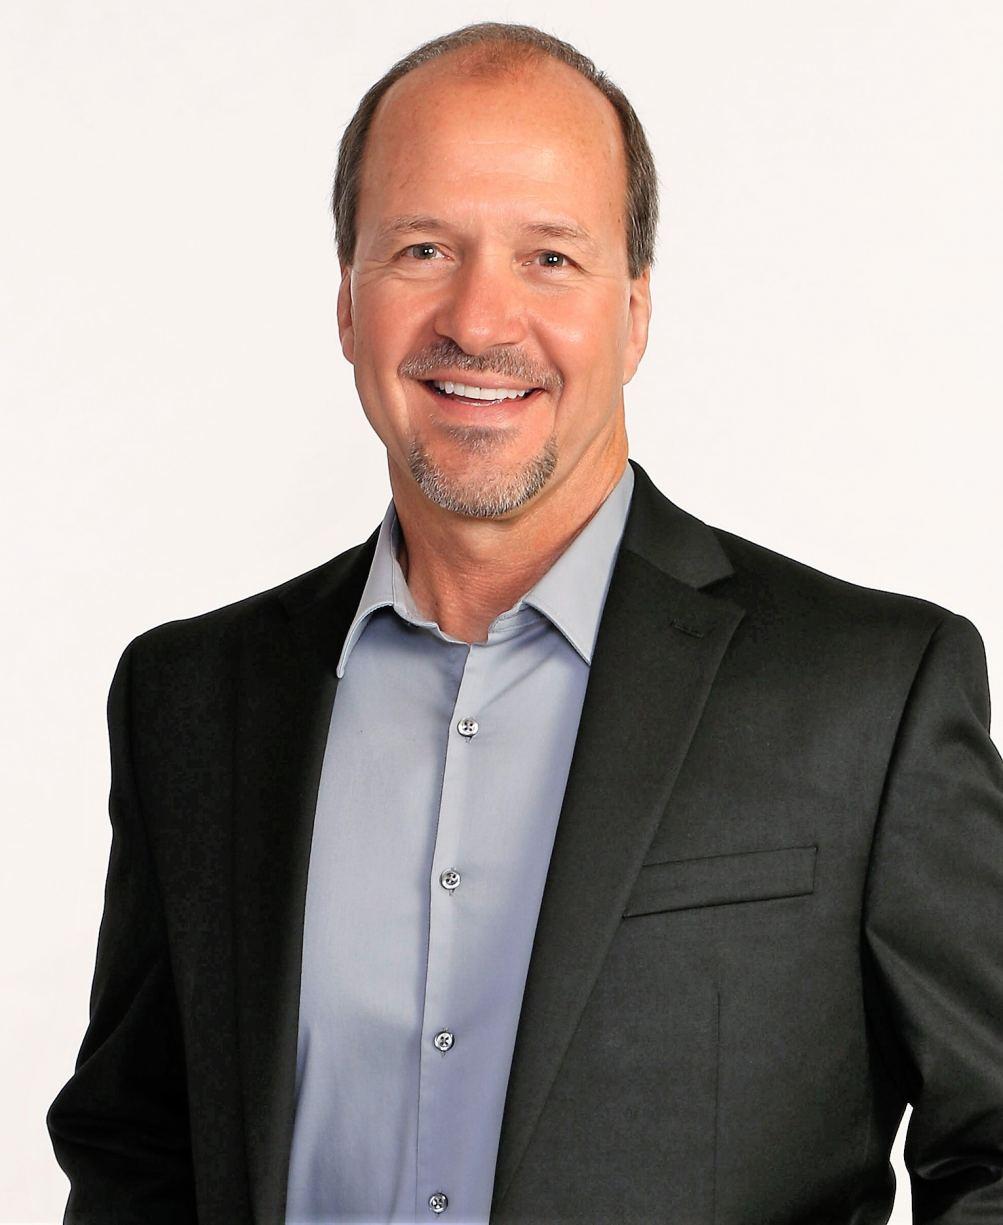 Dan Menden - Best Selling Author